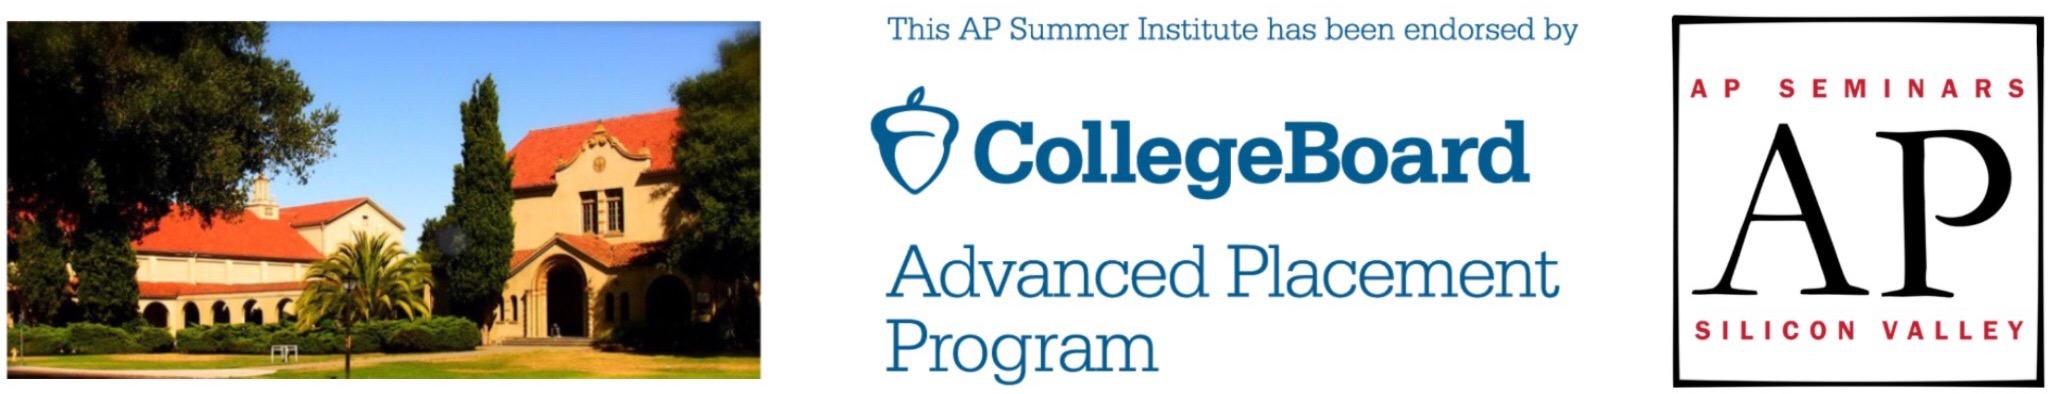 AP Seminars Silicon Valley ONLINE Week 1  (7/19/21-7/22/21)